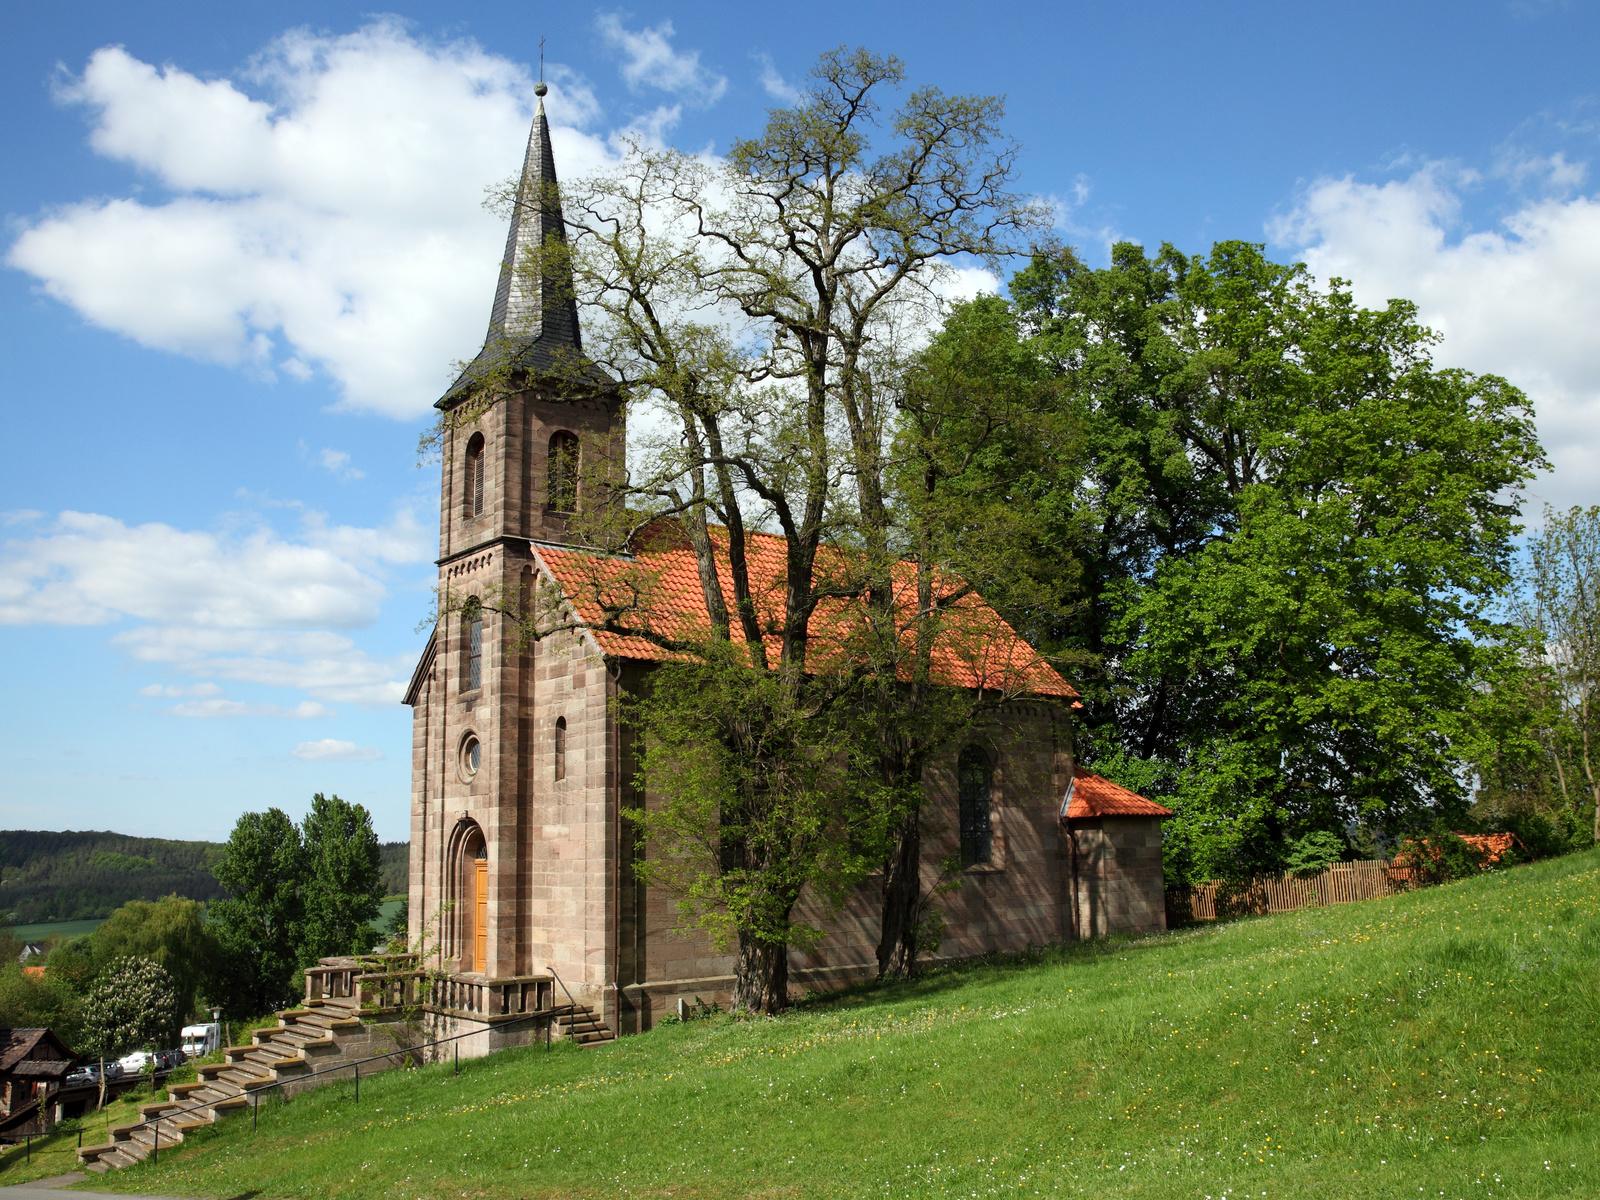 германия, церковь, bornhagen, ev. kirche, башня, деревья, город